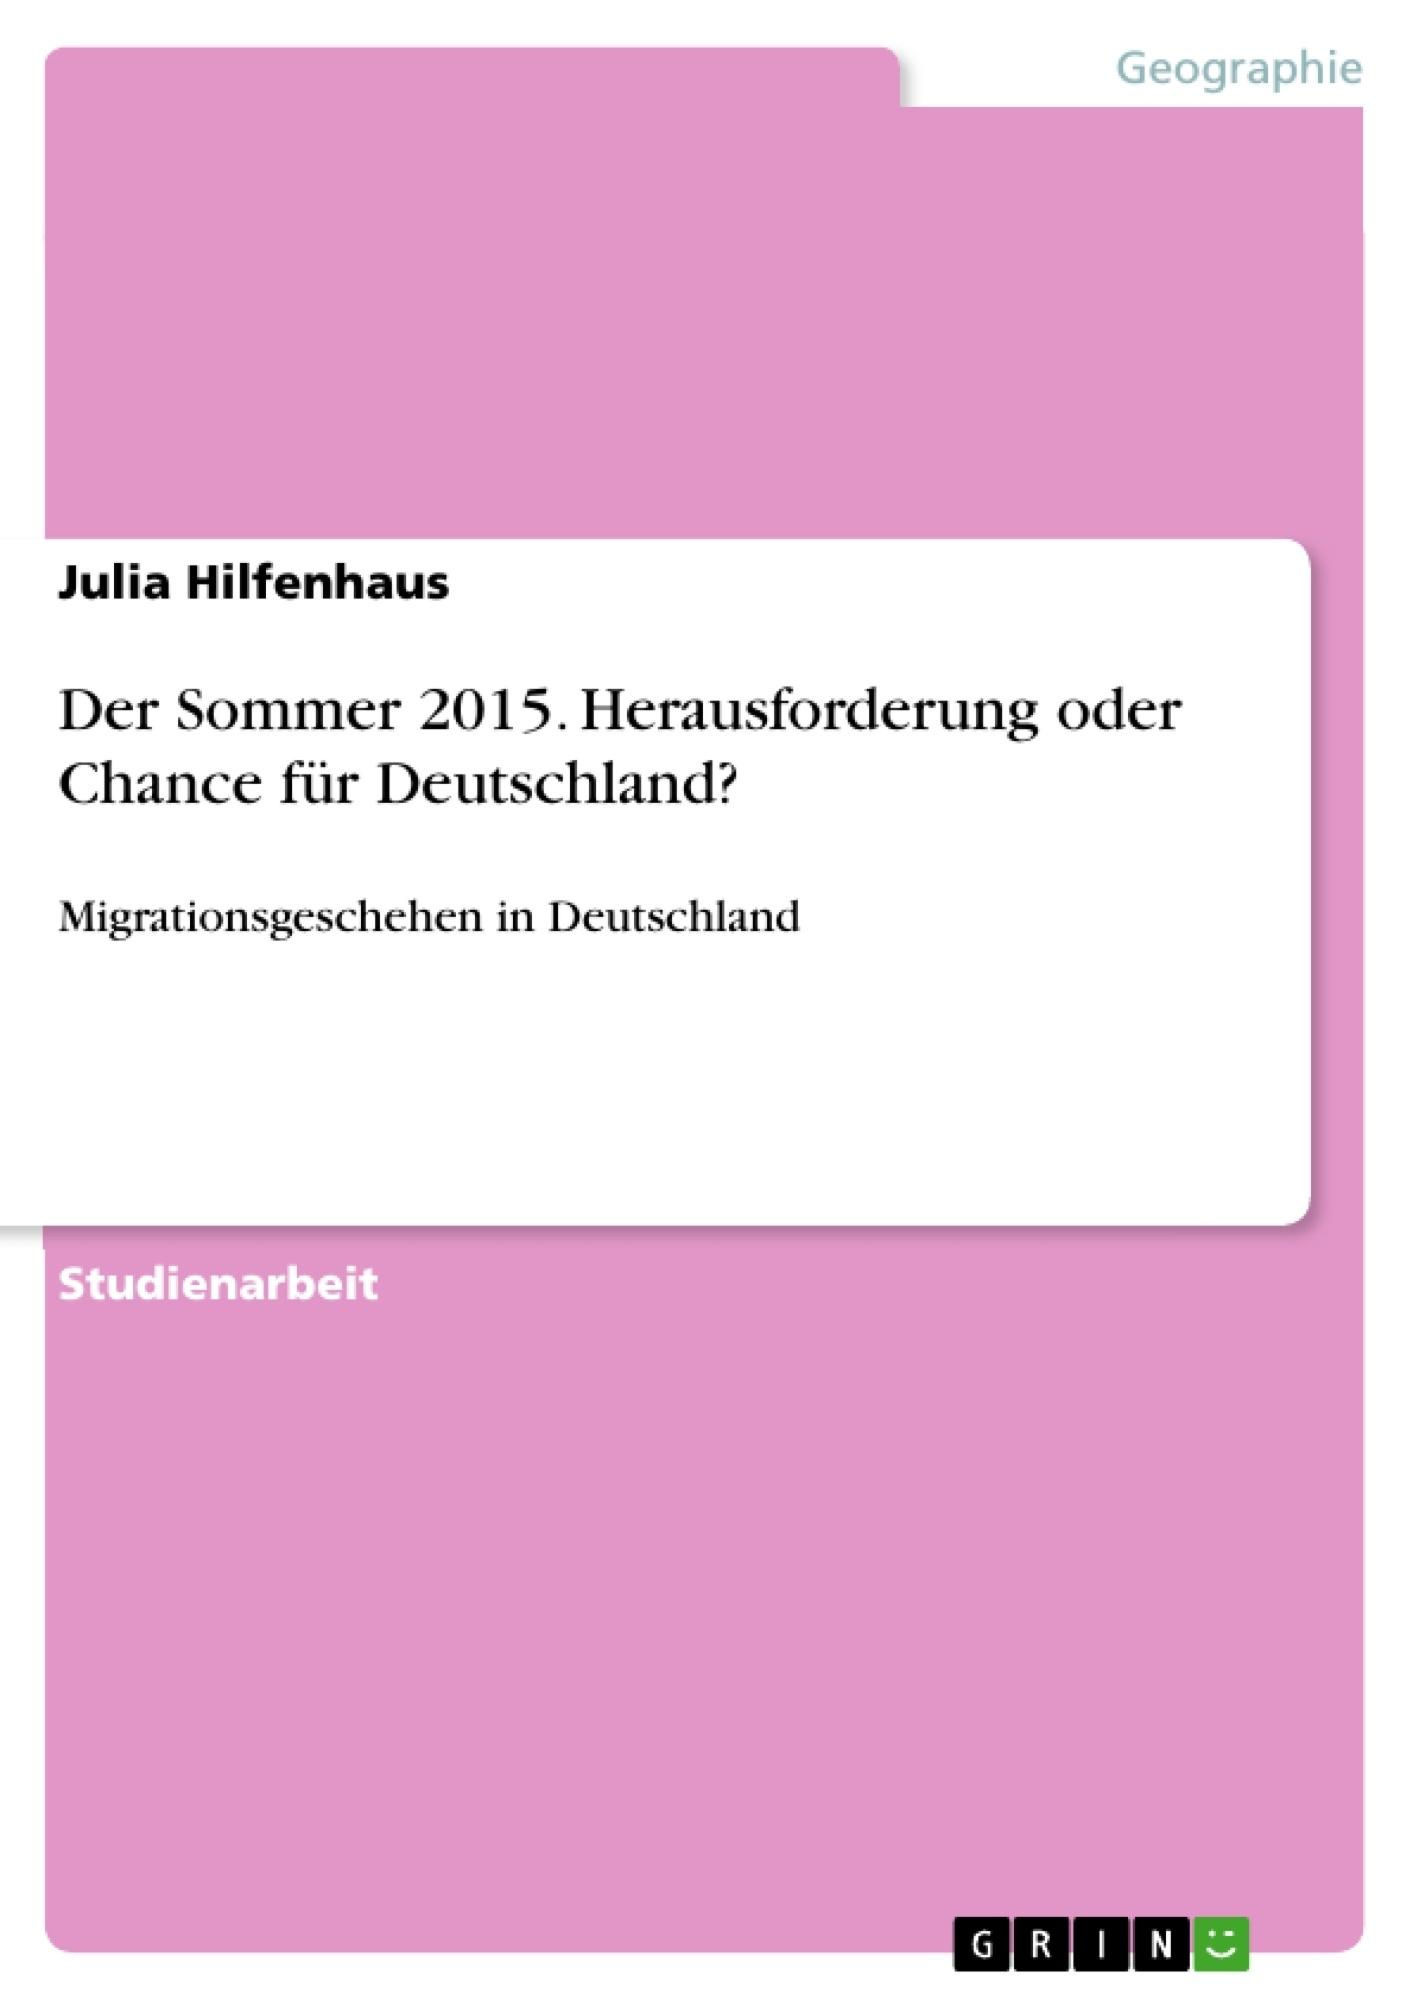 Titel: Der Sommer 2015. Herausforderung oder Chance für Deutschland?